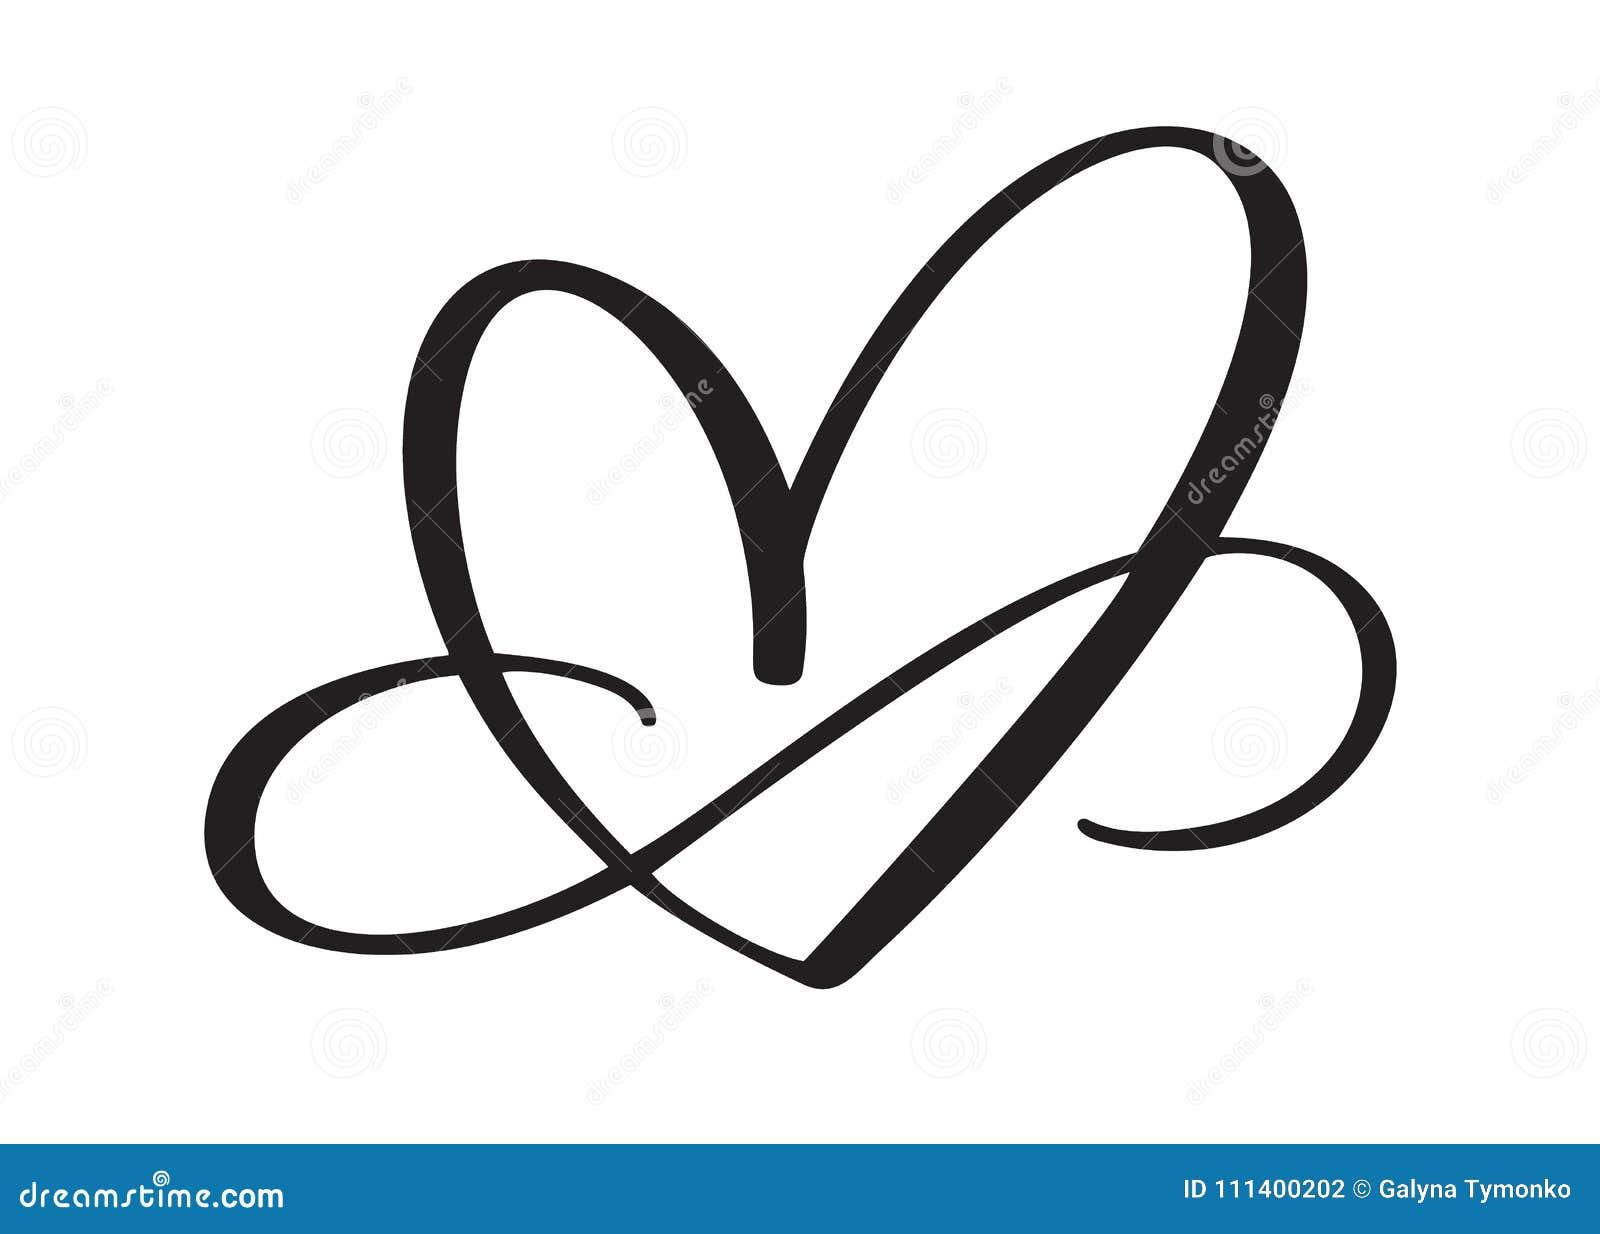 Sinal do amor do coração para sempre O símbolo romântico da infinidade ligado, junta-se, paixão e casamento Molde para a camisa d